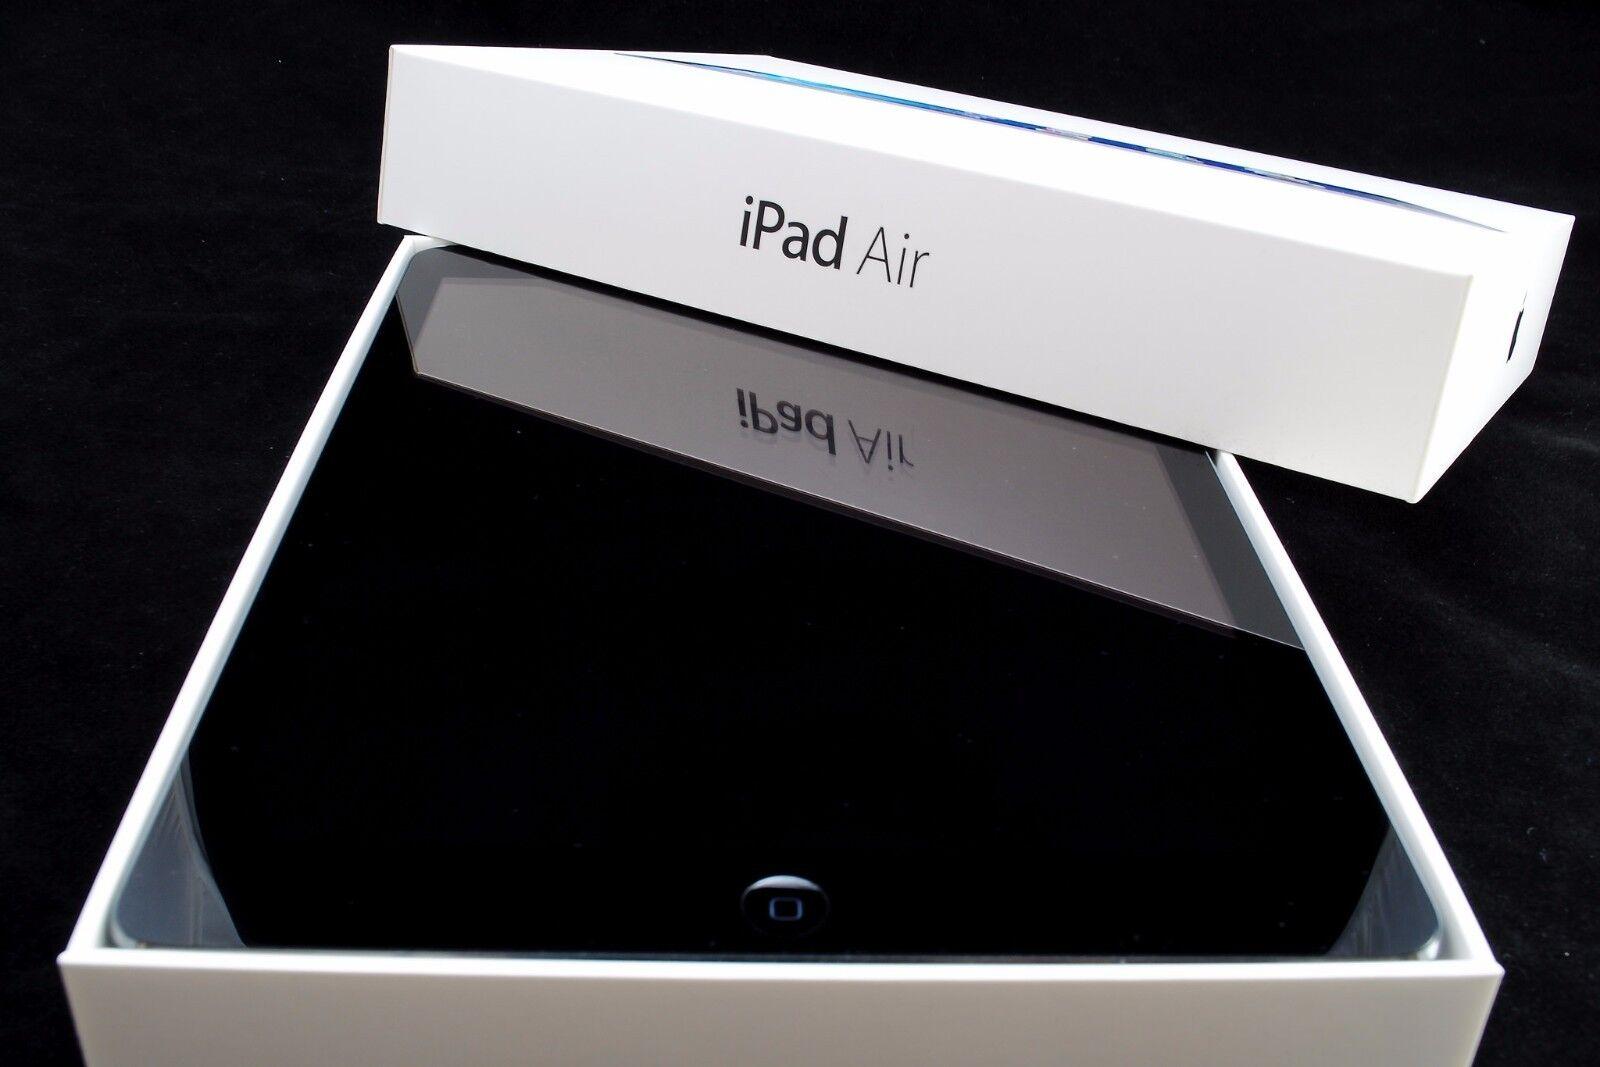 IPAD AIR 1,2 mini 2,3,4 128GB,64GB,32GB,16GB Wi-Fi +4G ...